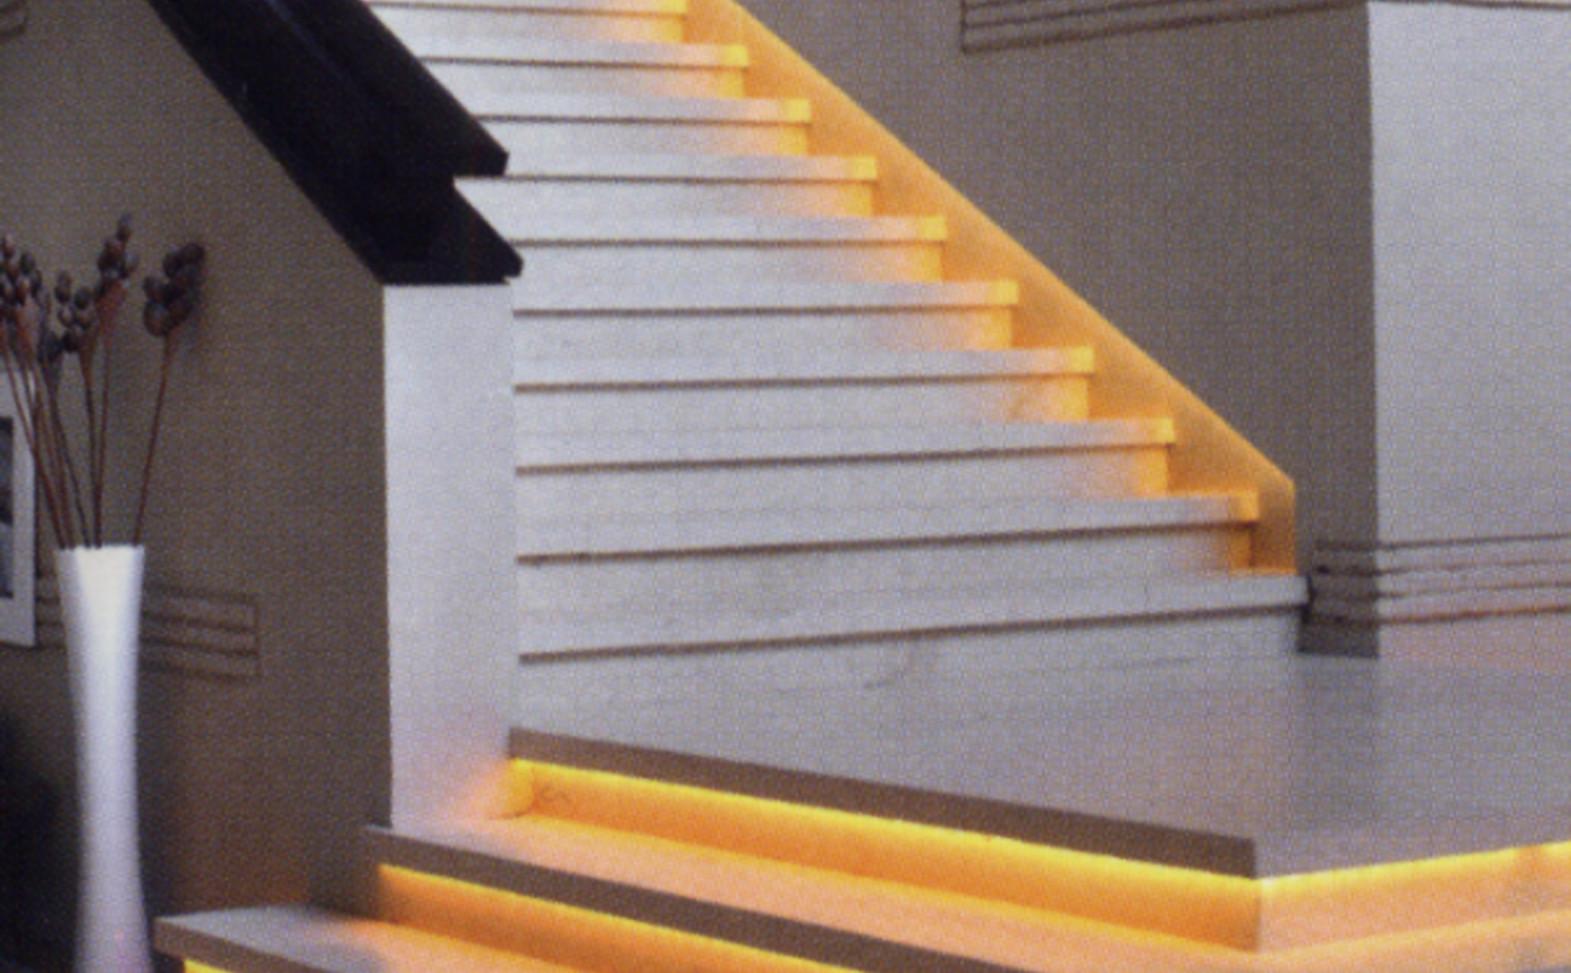 Stair-lighting-led-design-idea-5.jpg